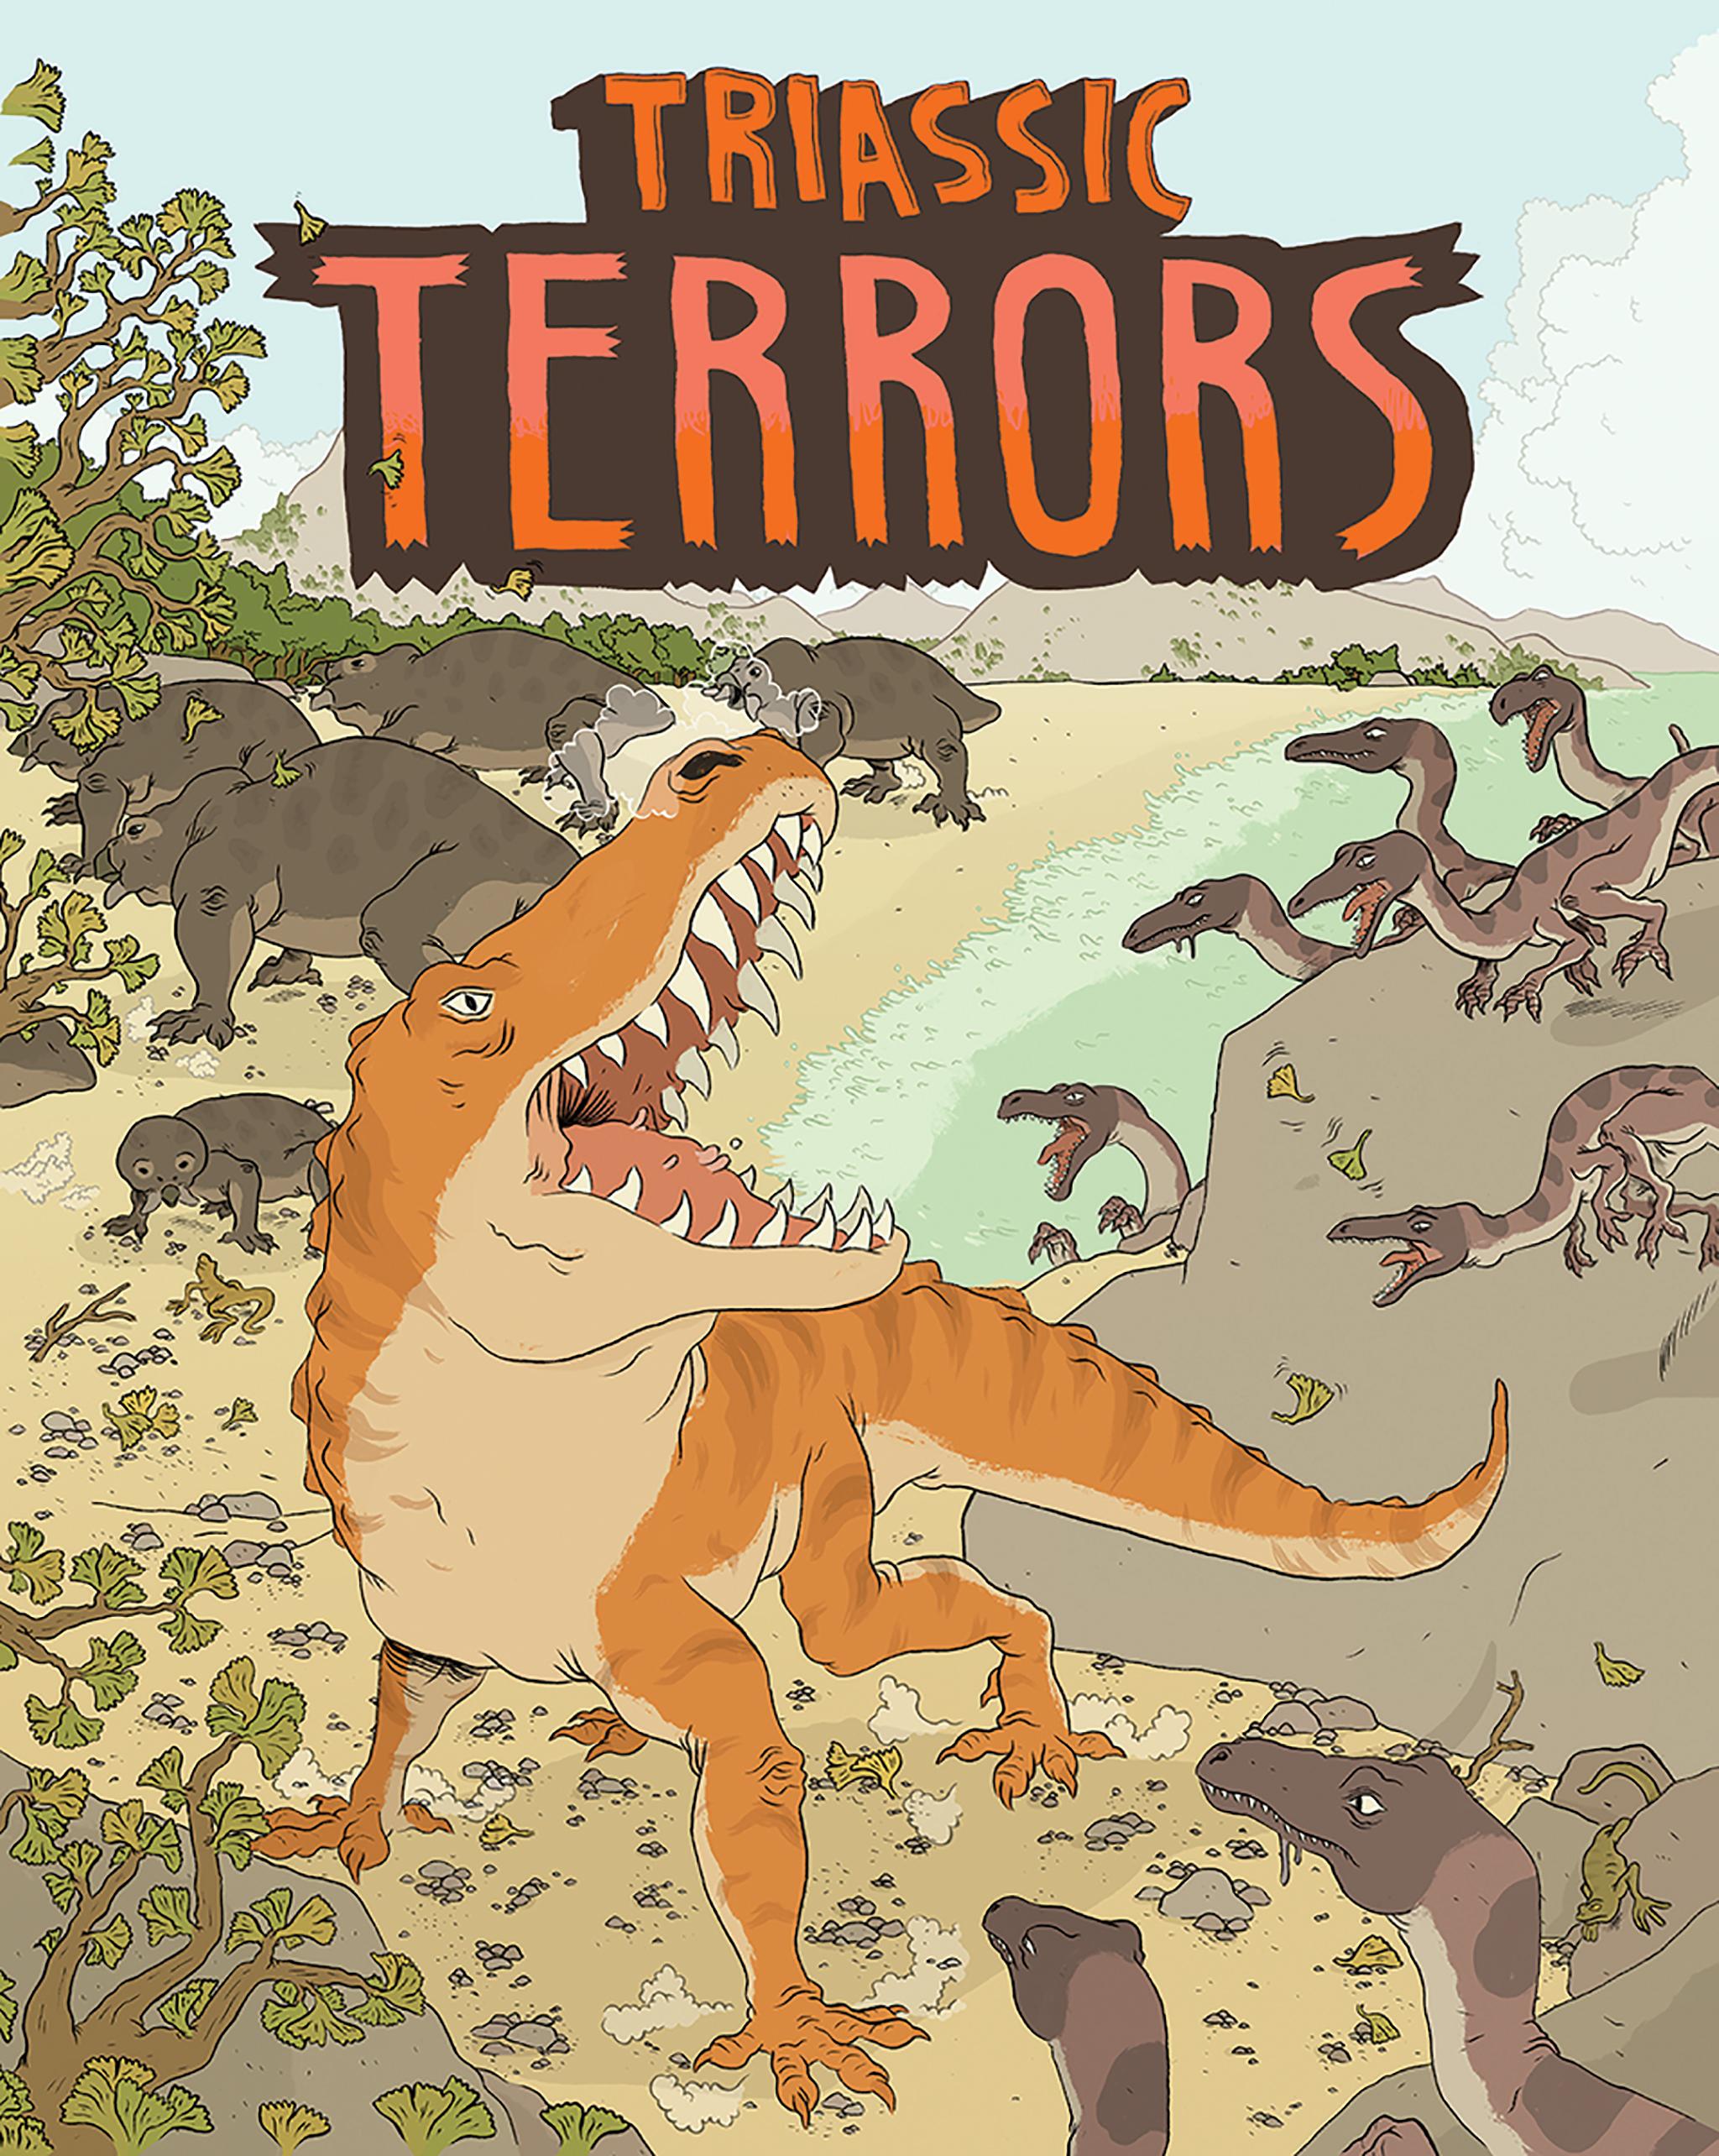 Triassic Terrors